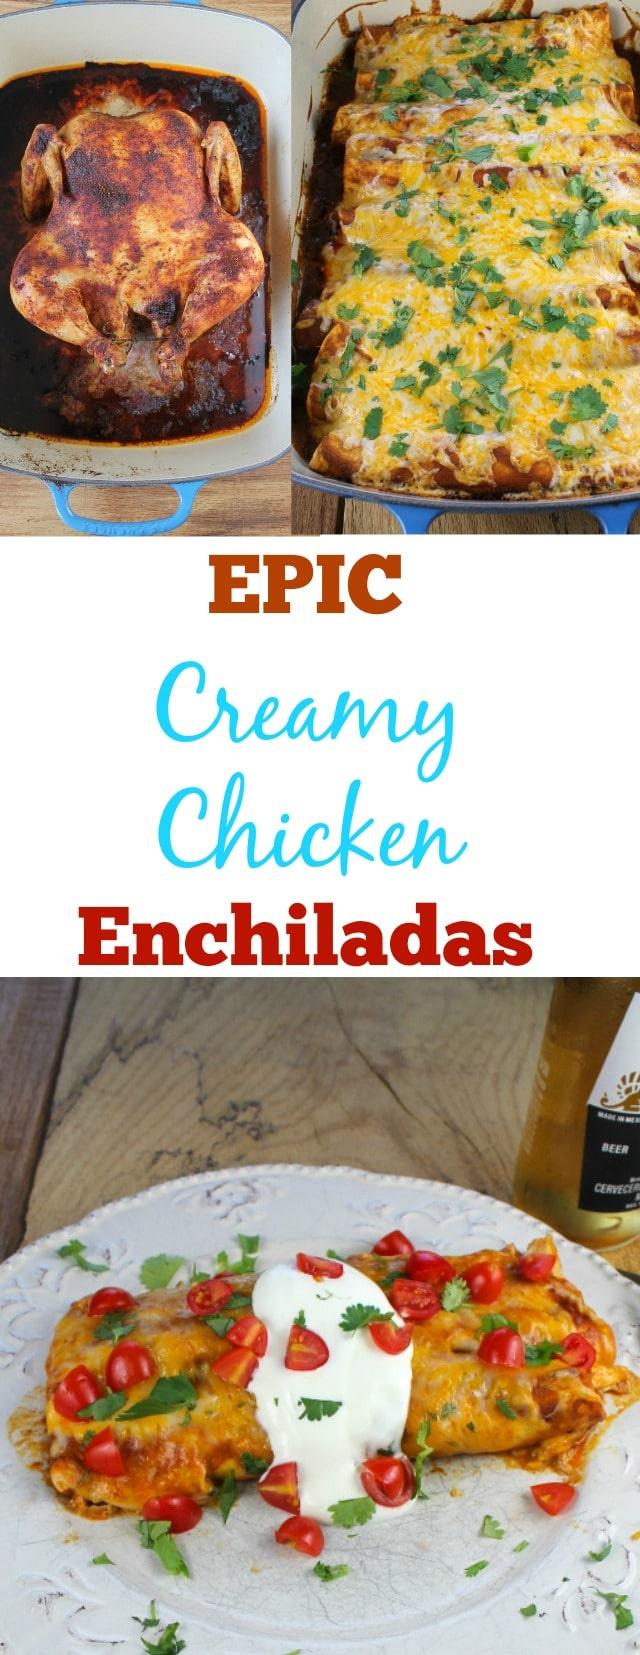 Epic Creamy Chicken Enchiladas Recipe found at Miss in the Kitchen